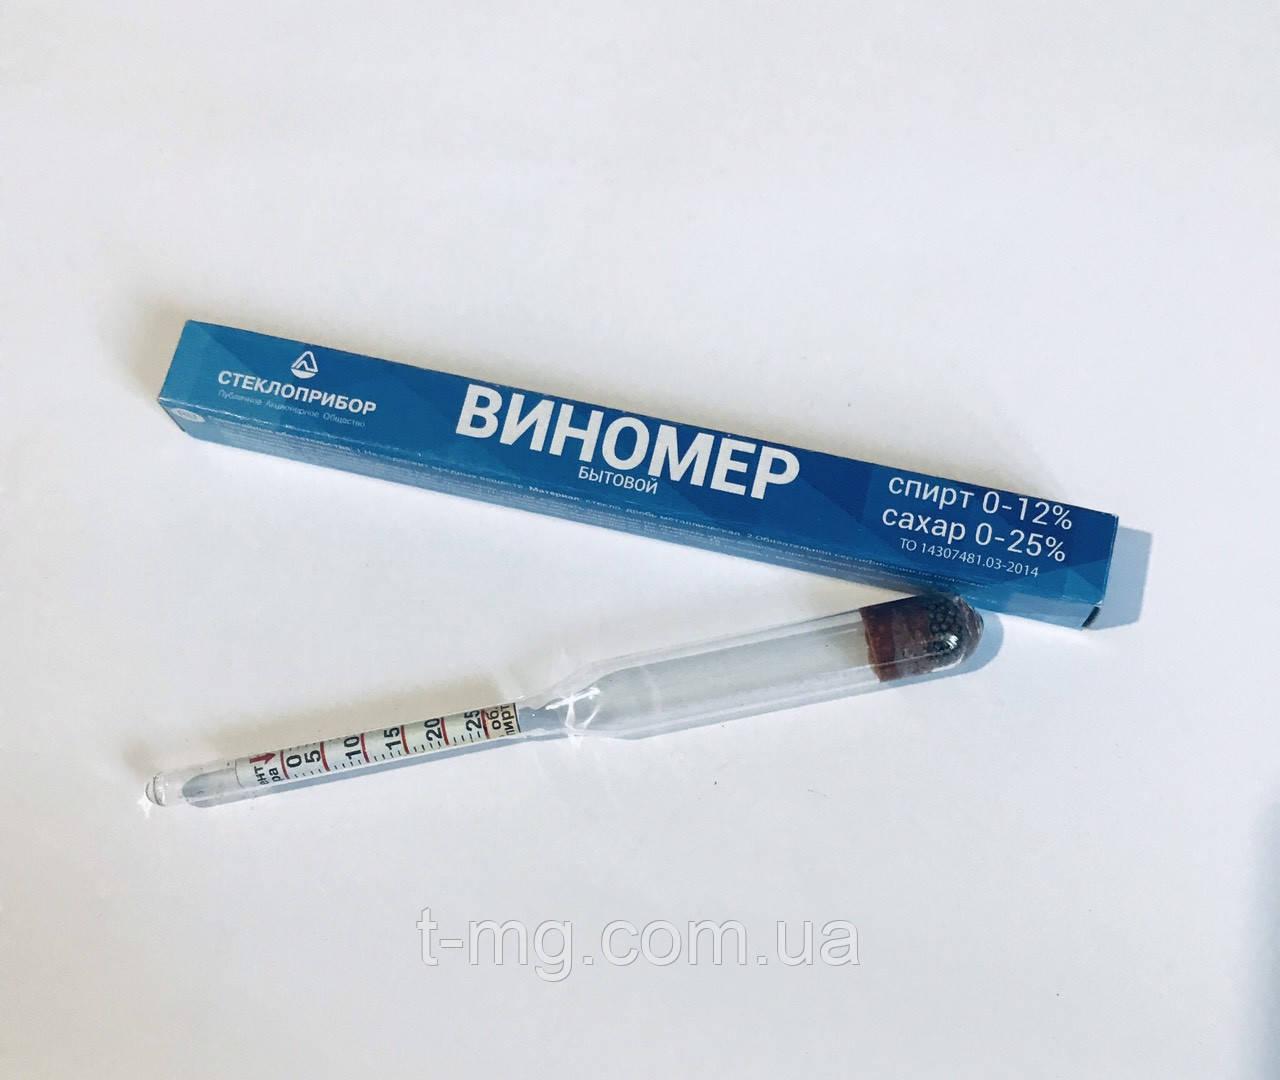 Ареометр Виномер бытовой